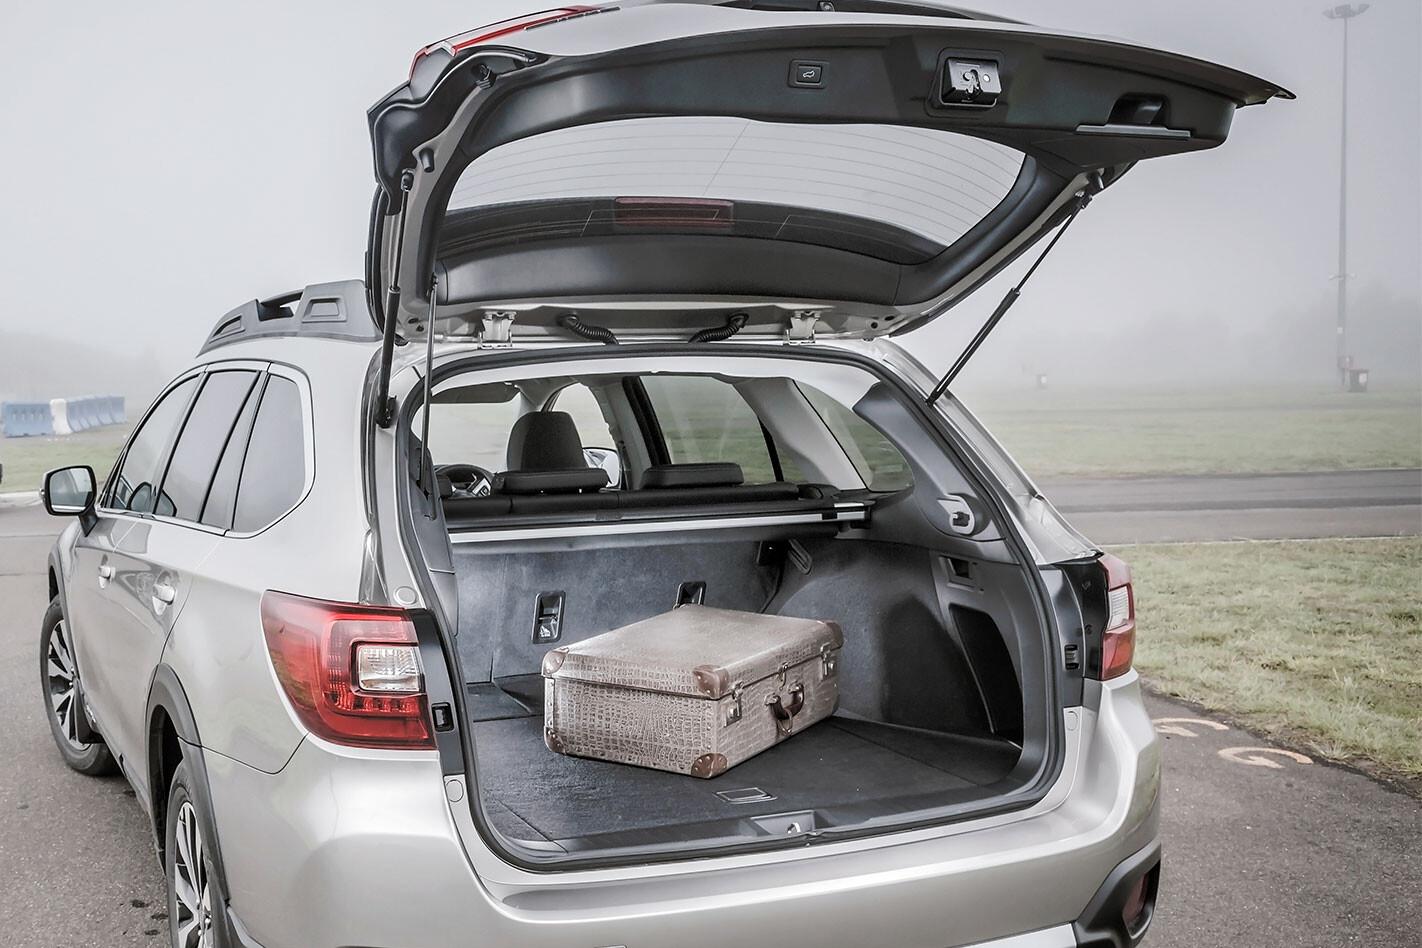 2020 Subaru Outback boot